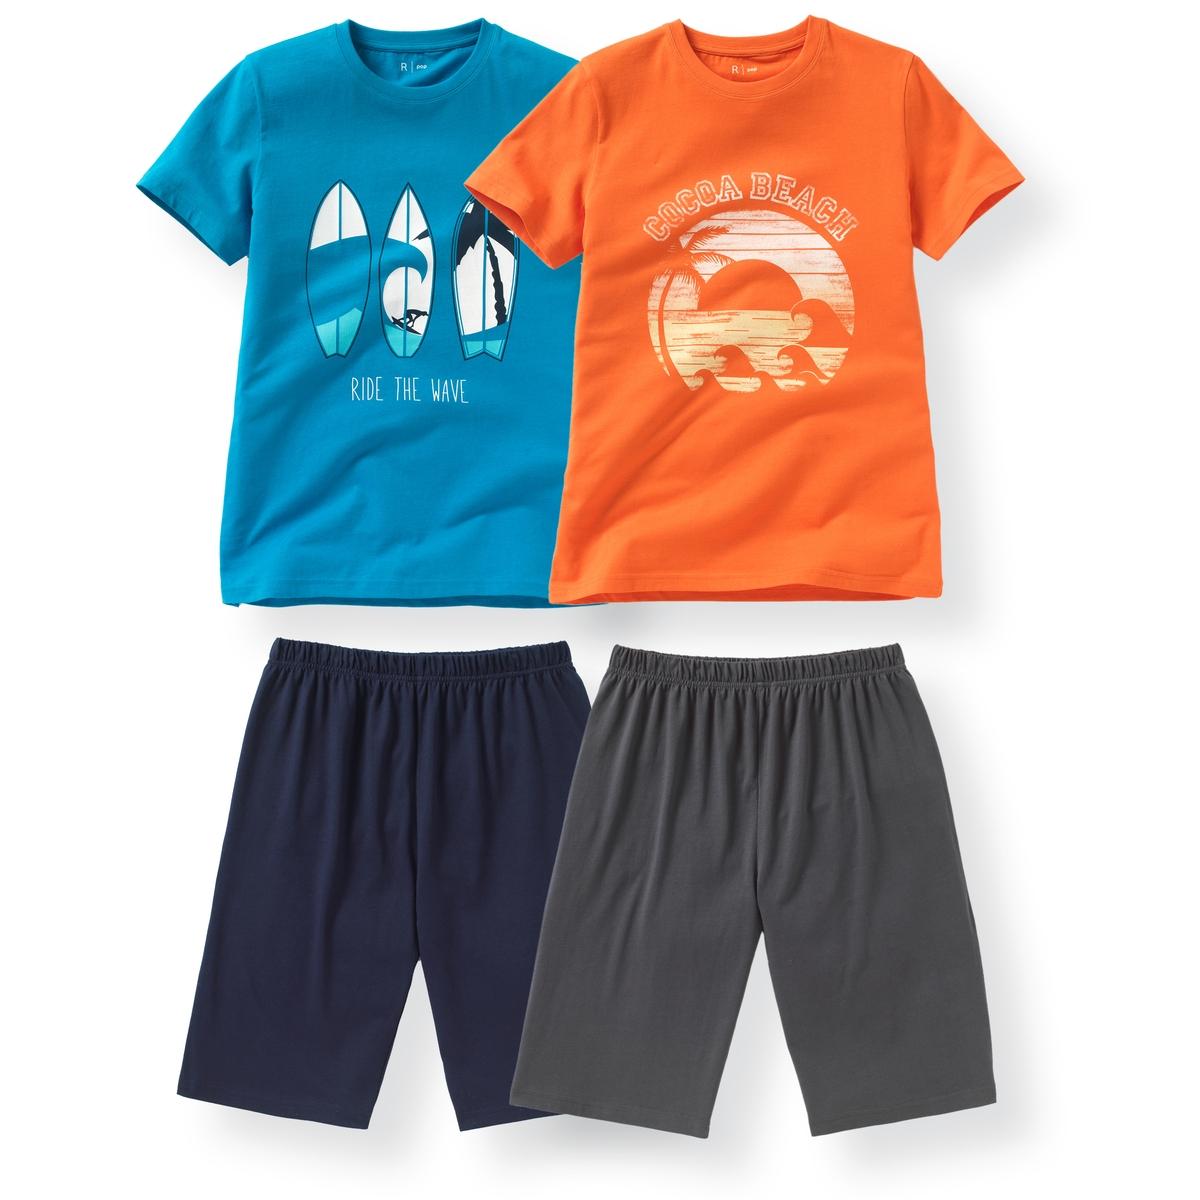 2 пижамы с шортами из хлопка с принтом пляж 10-16 летПижама: футболка с короткими рукавами и шорты.     В комплекте 2 пижамы : Футболки с разным рисунком спереди на каждой из них . Однотонные шорты на эластичном поясе.Состав и описание : Материал       джерси, 100% хлопокМарка       R ?ditionУход :Машинная стирка при 30 °C с вещами схожих цветов.Стирать и гладить с изнаночной стороны.Машинная сушка в умеренном режиме.Гладить при низкой температуре.<br><br>Цвет: синий + оранжевый<br>Размер: 16 лет